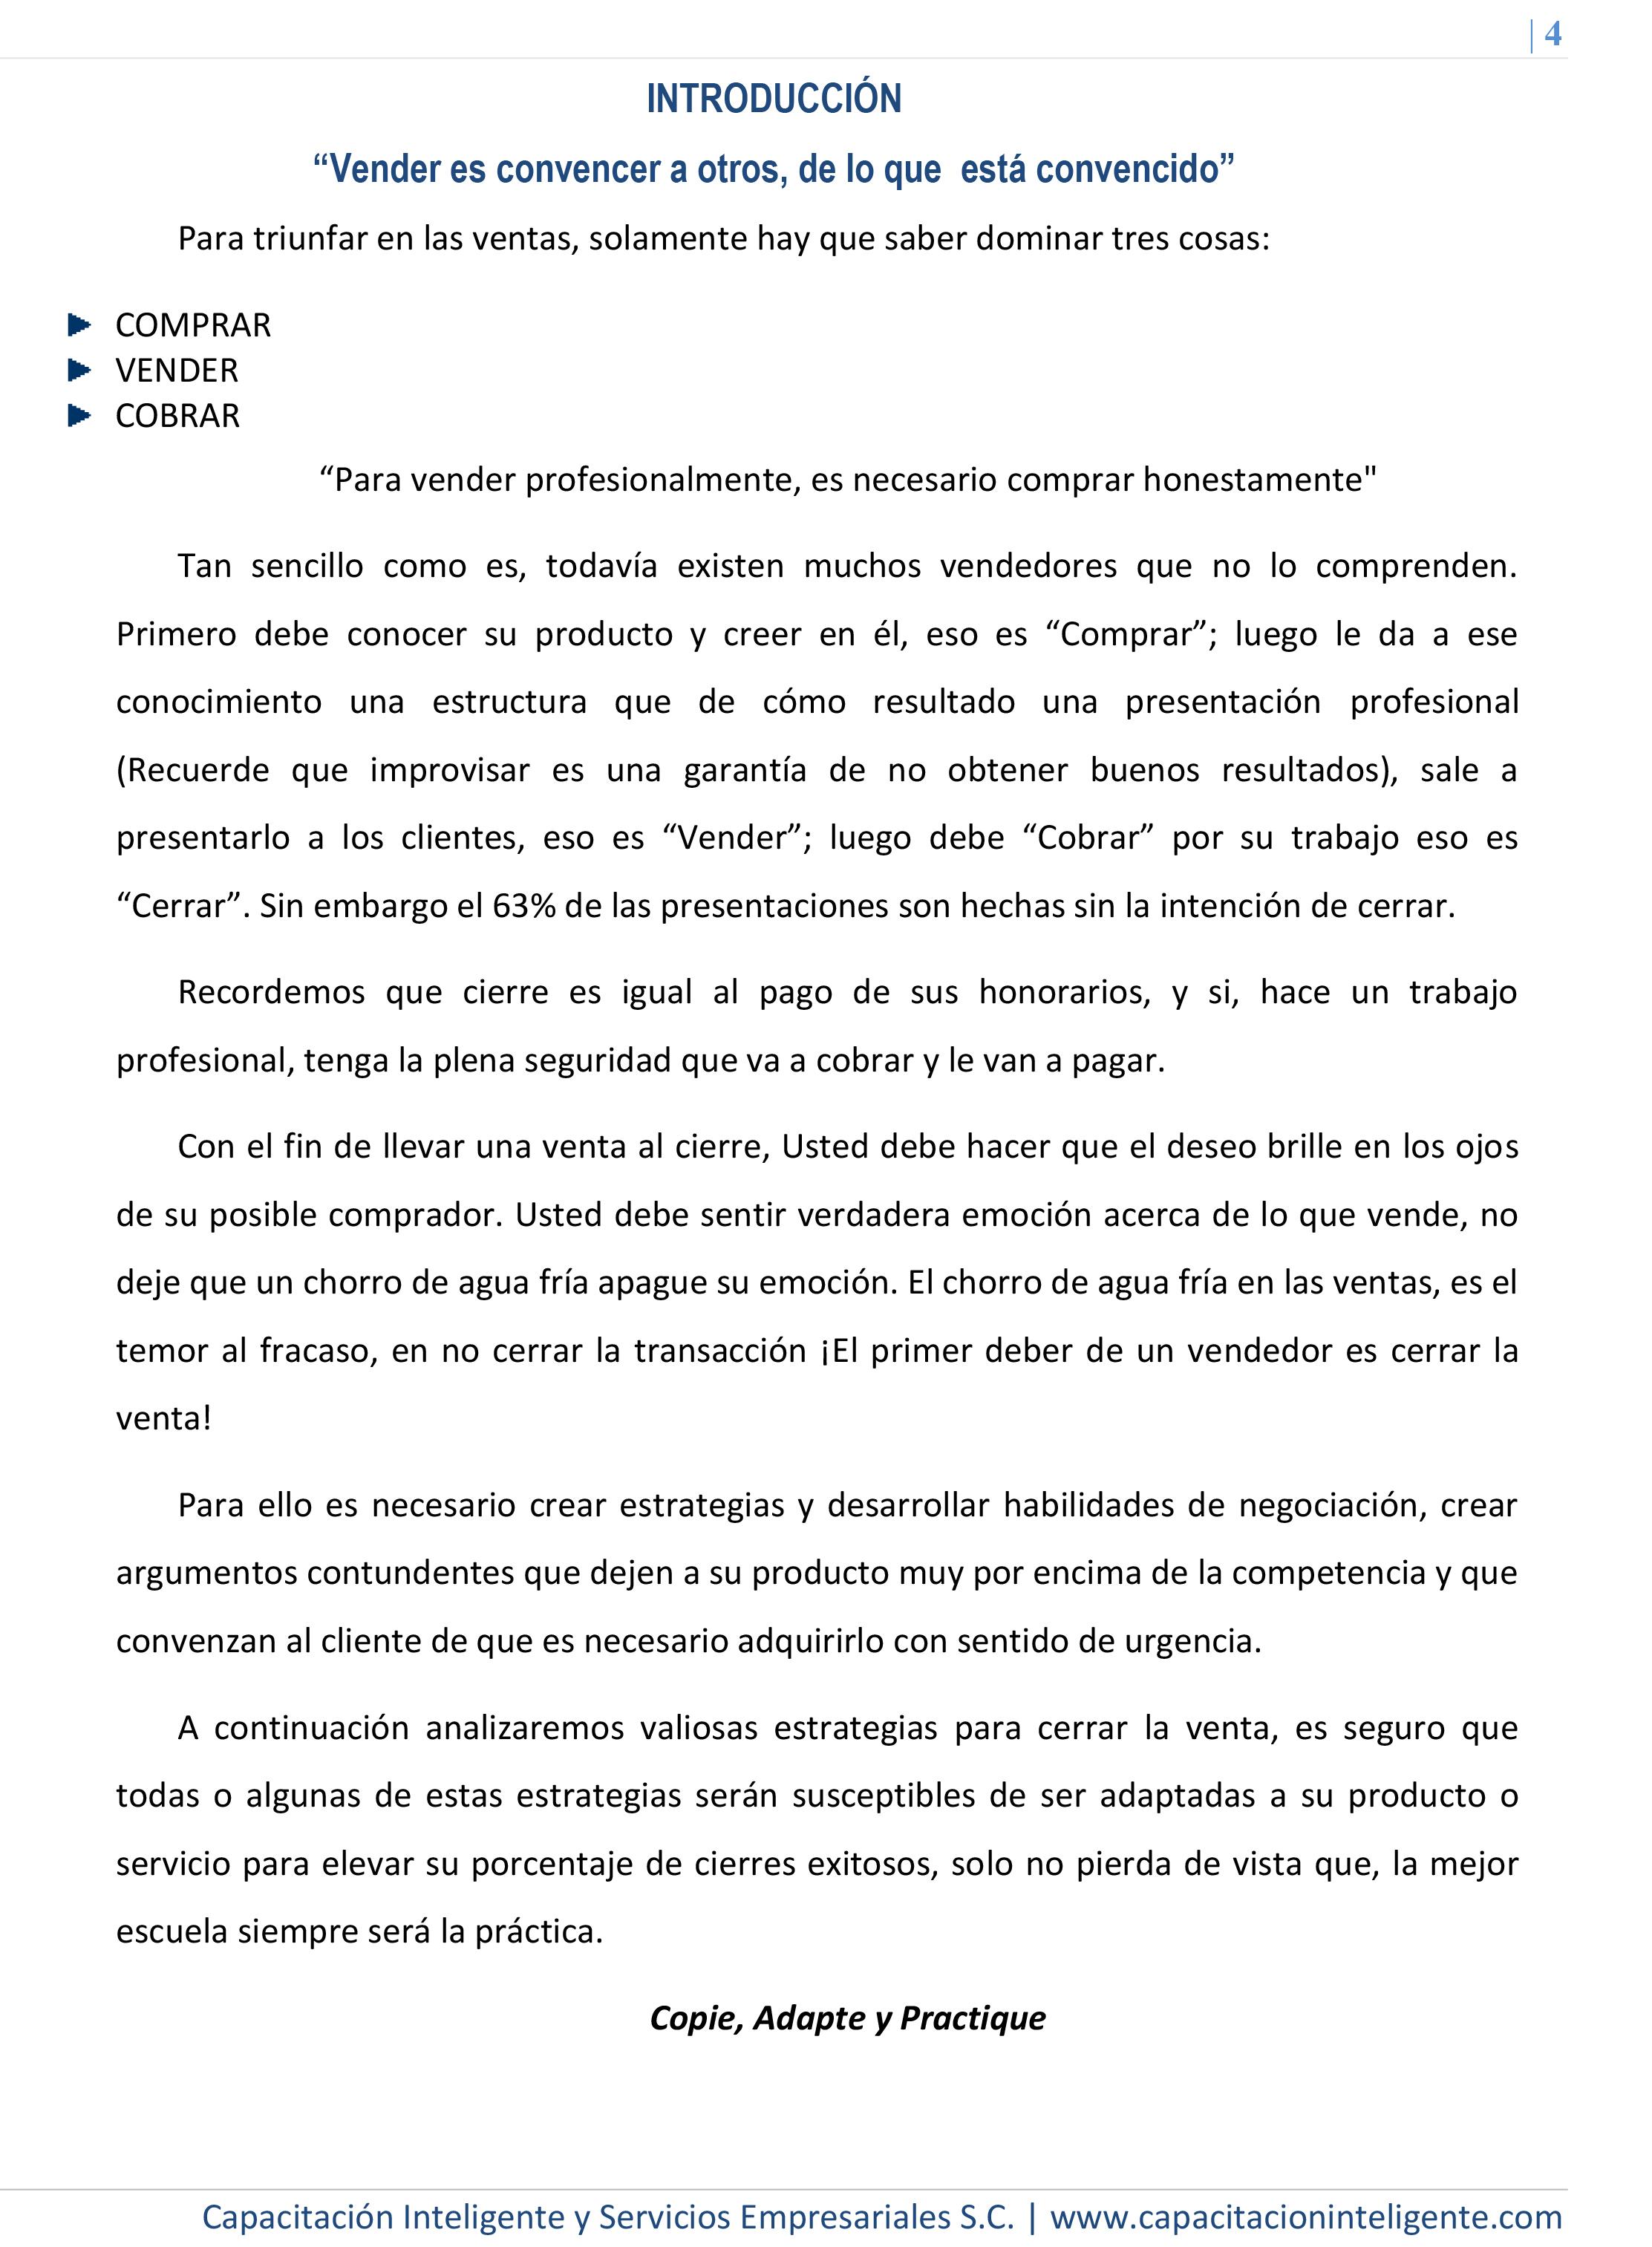 ARGUMENTOS Y TÉCNICAS DE CIERRE